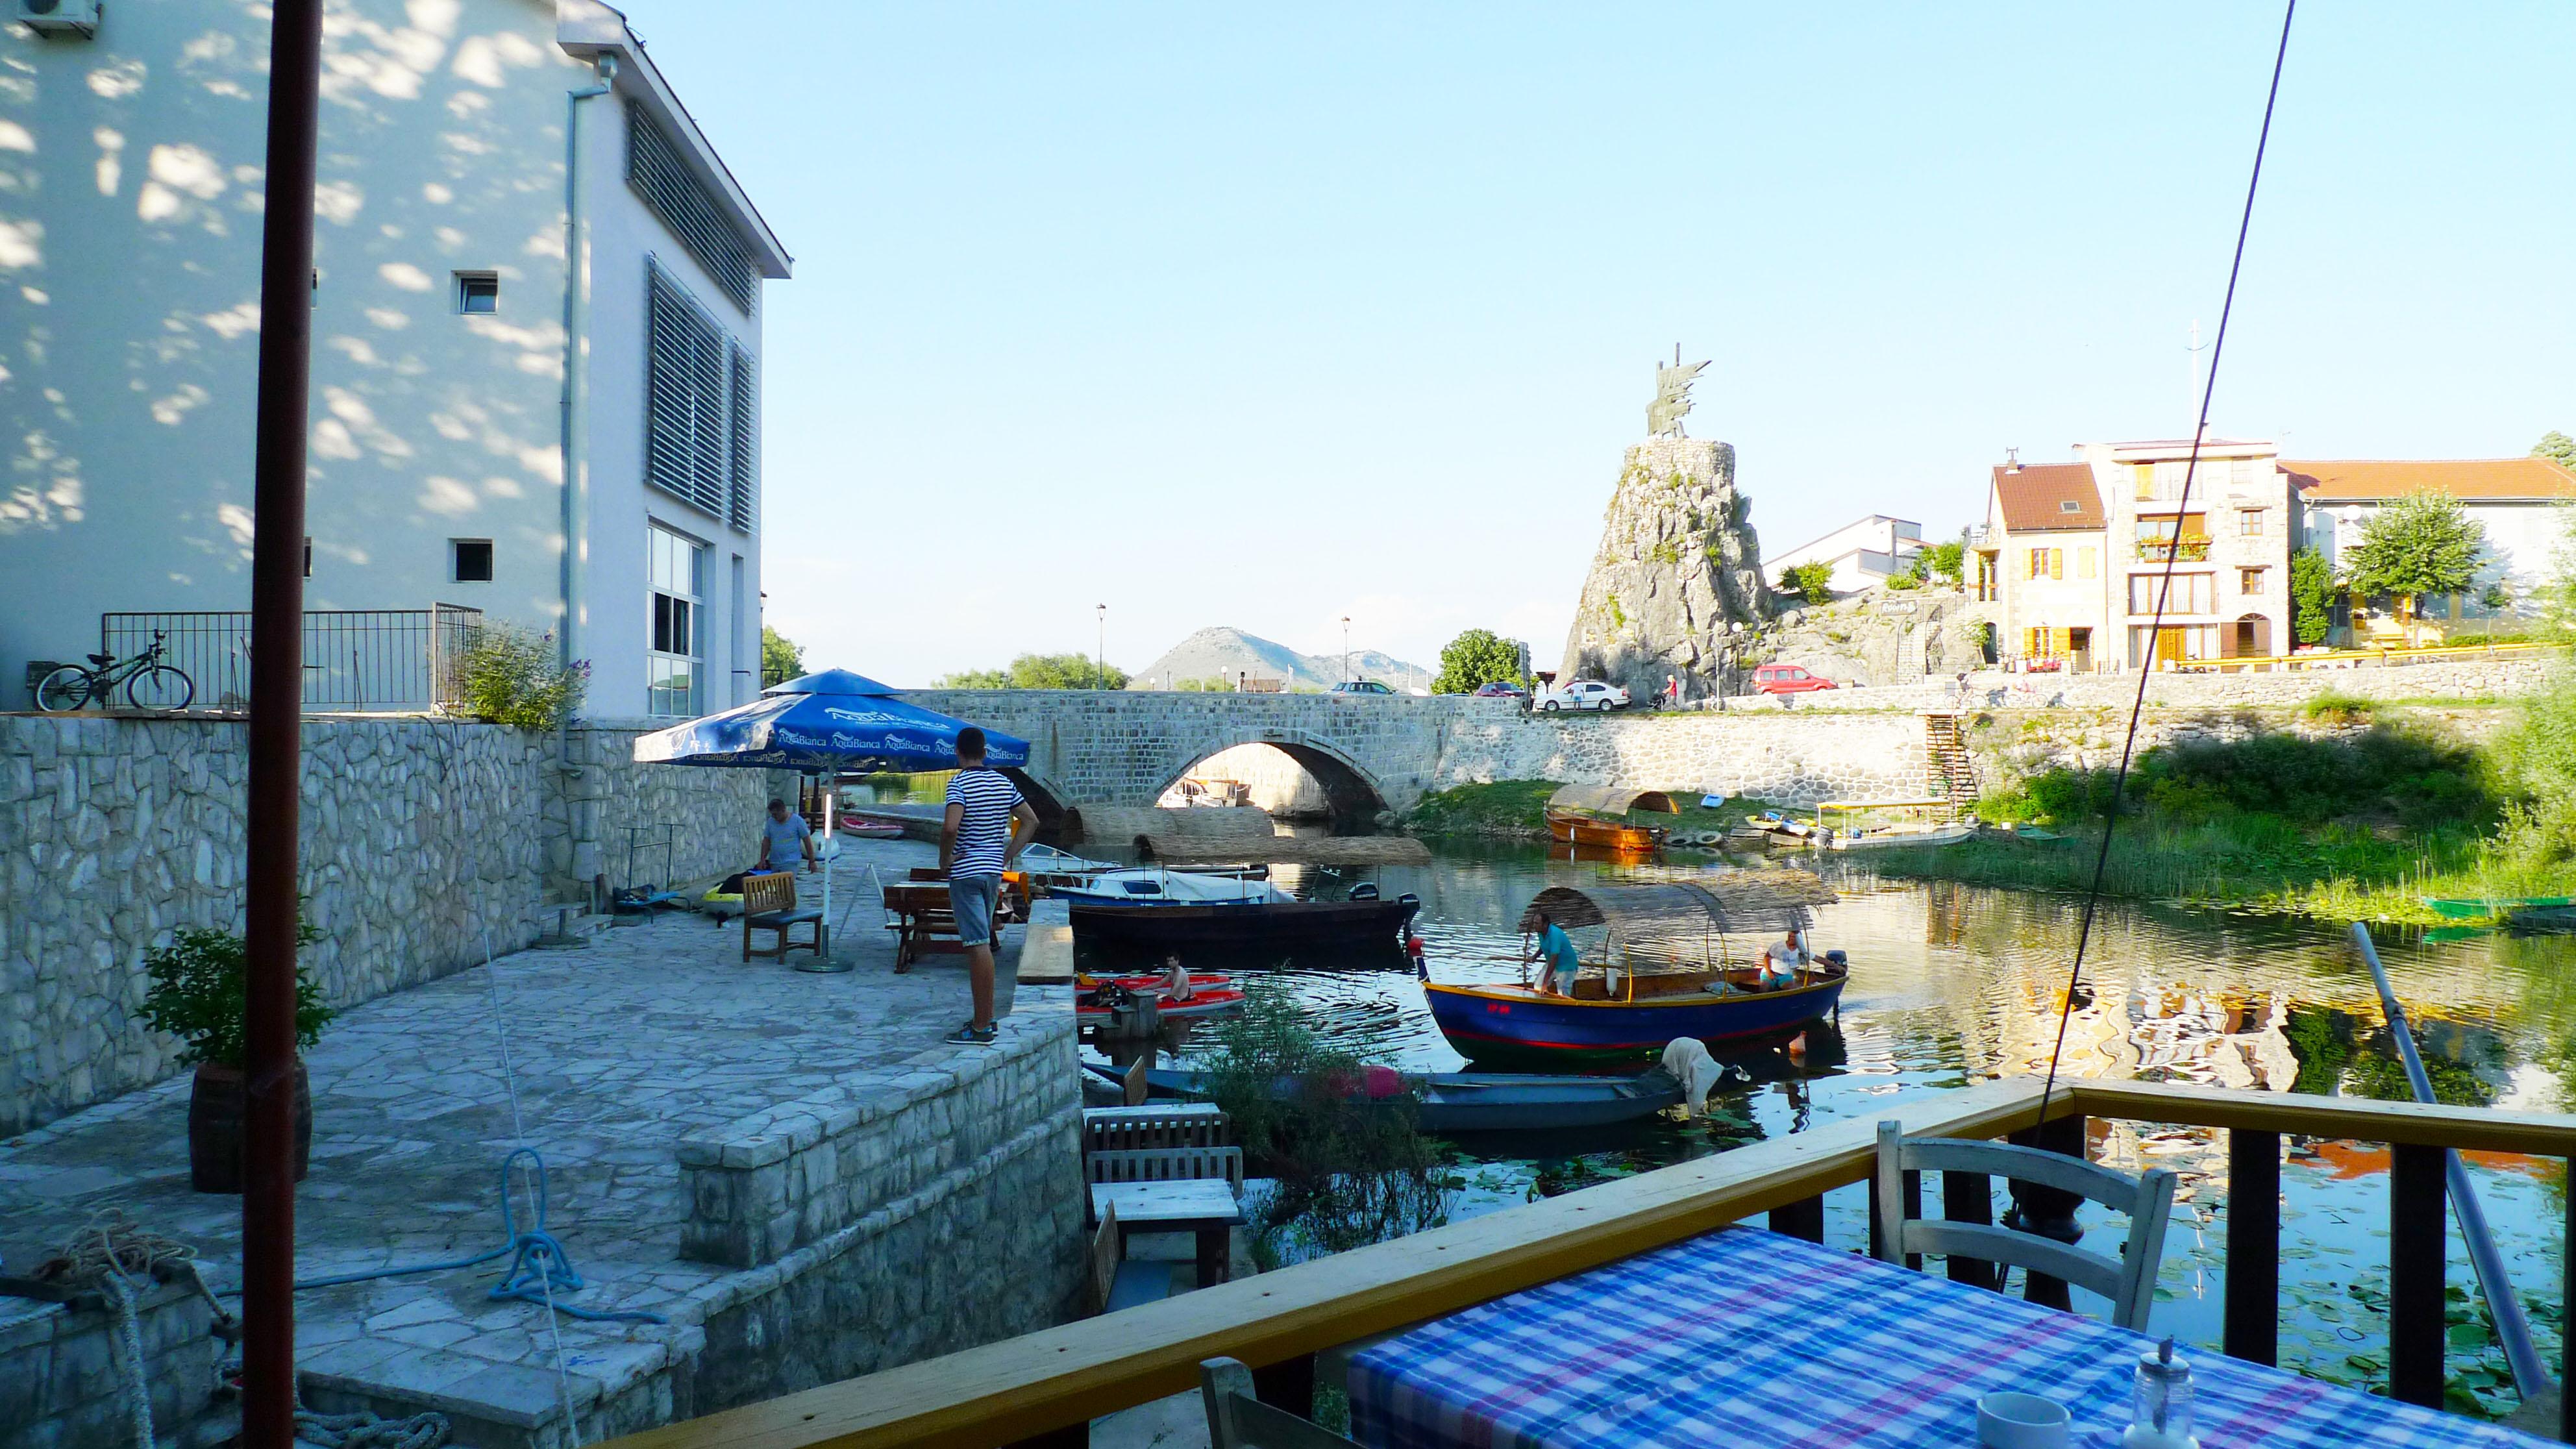 Мост в Вирпазаре, Вирпазар черногория, фото Скадарского озера, Вирпазар, Скадарское озеро Черногория,